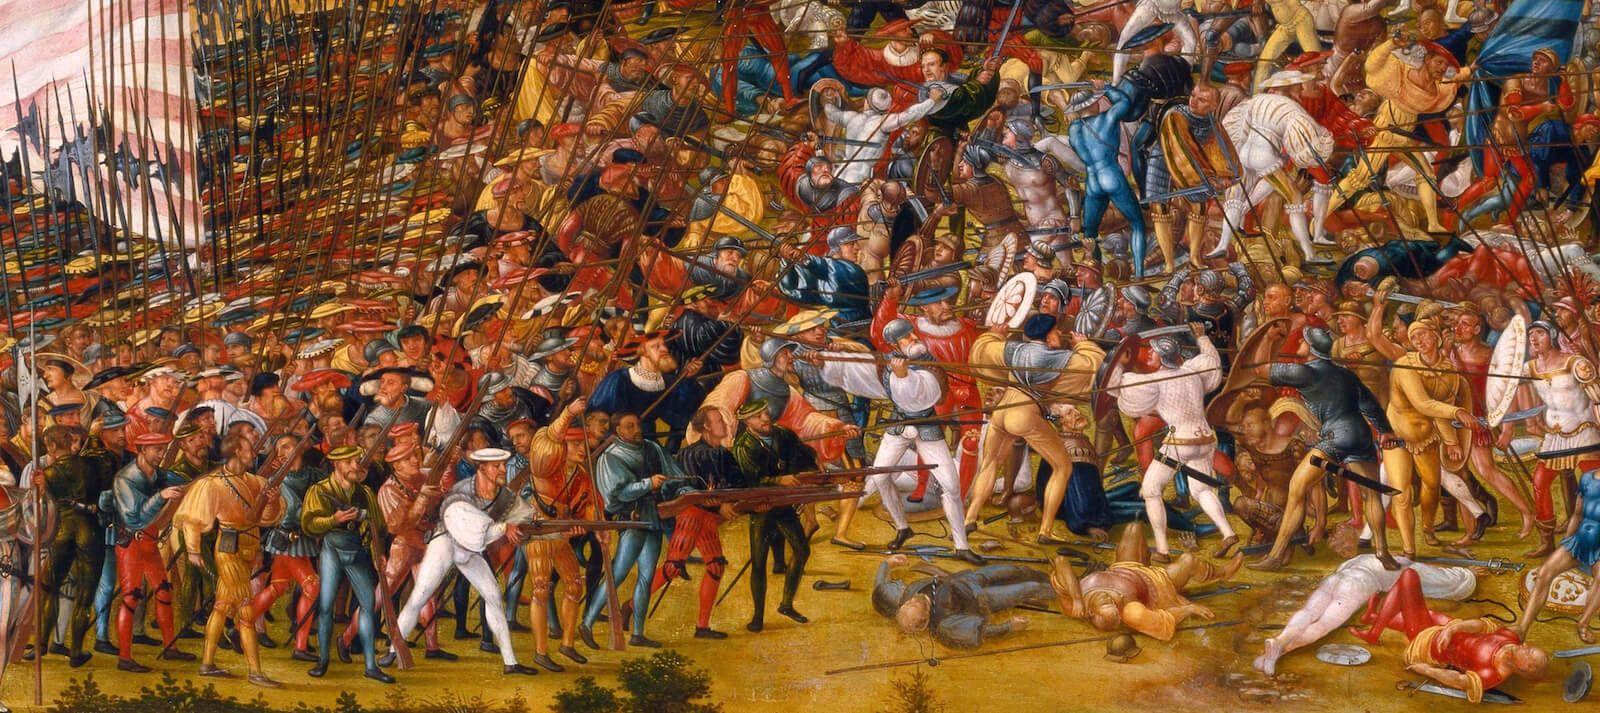 Rodeleros en acción en La batalla de Alesia choque de picas